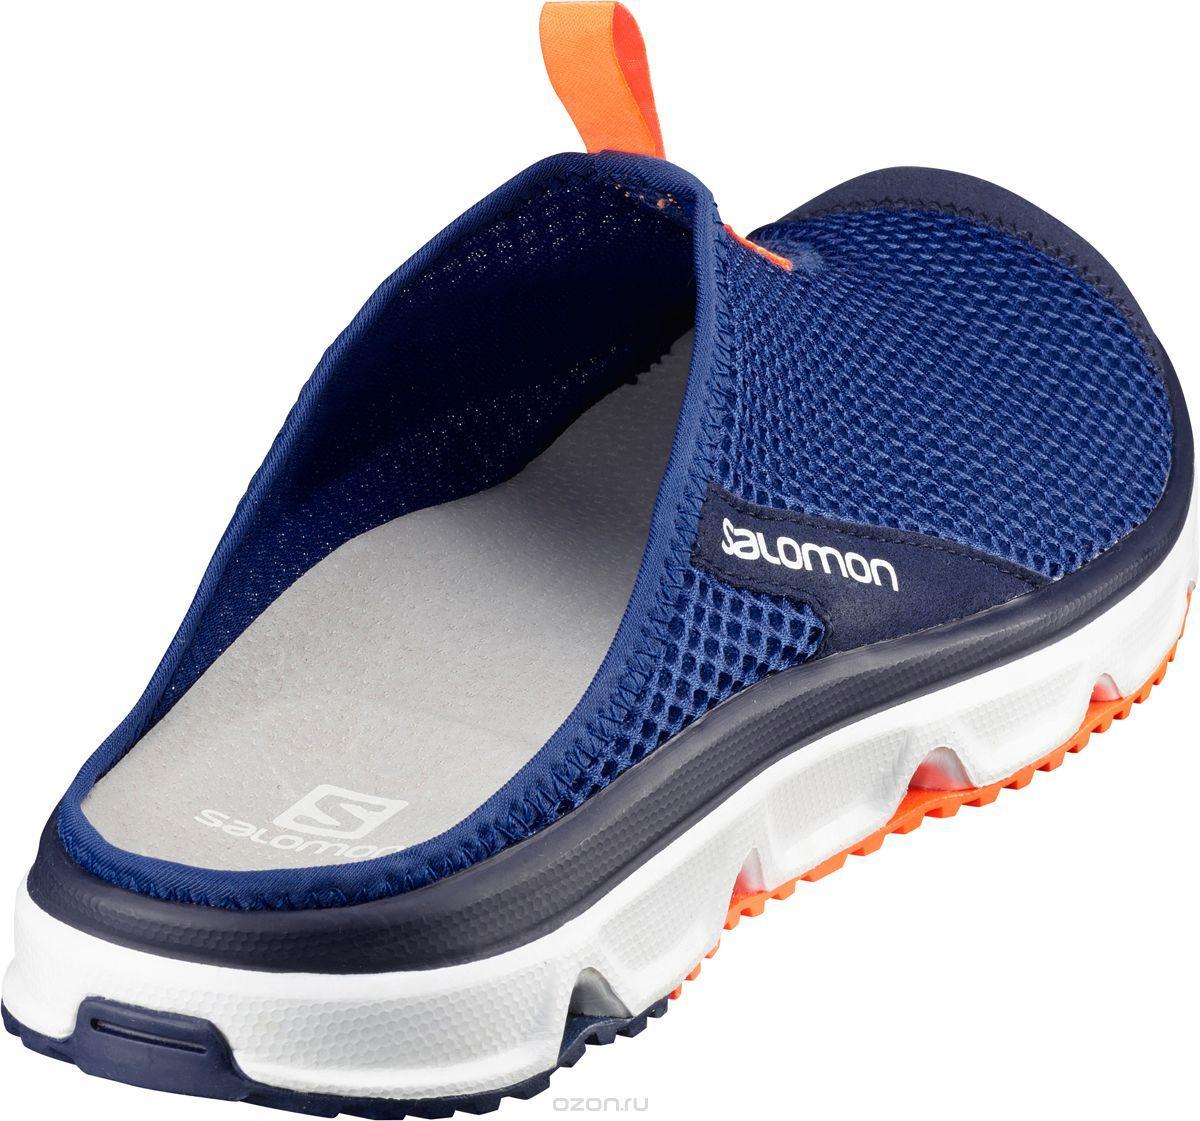 Salomon Rx Slide 3.0 Ayakkabı L40145100